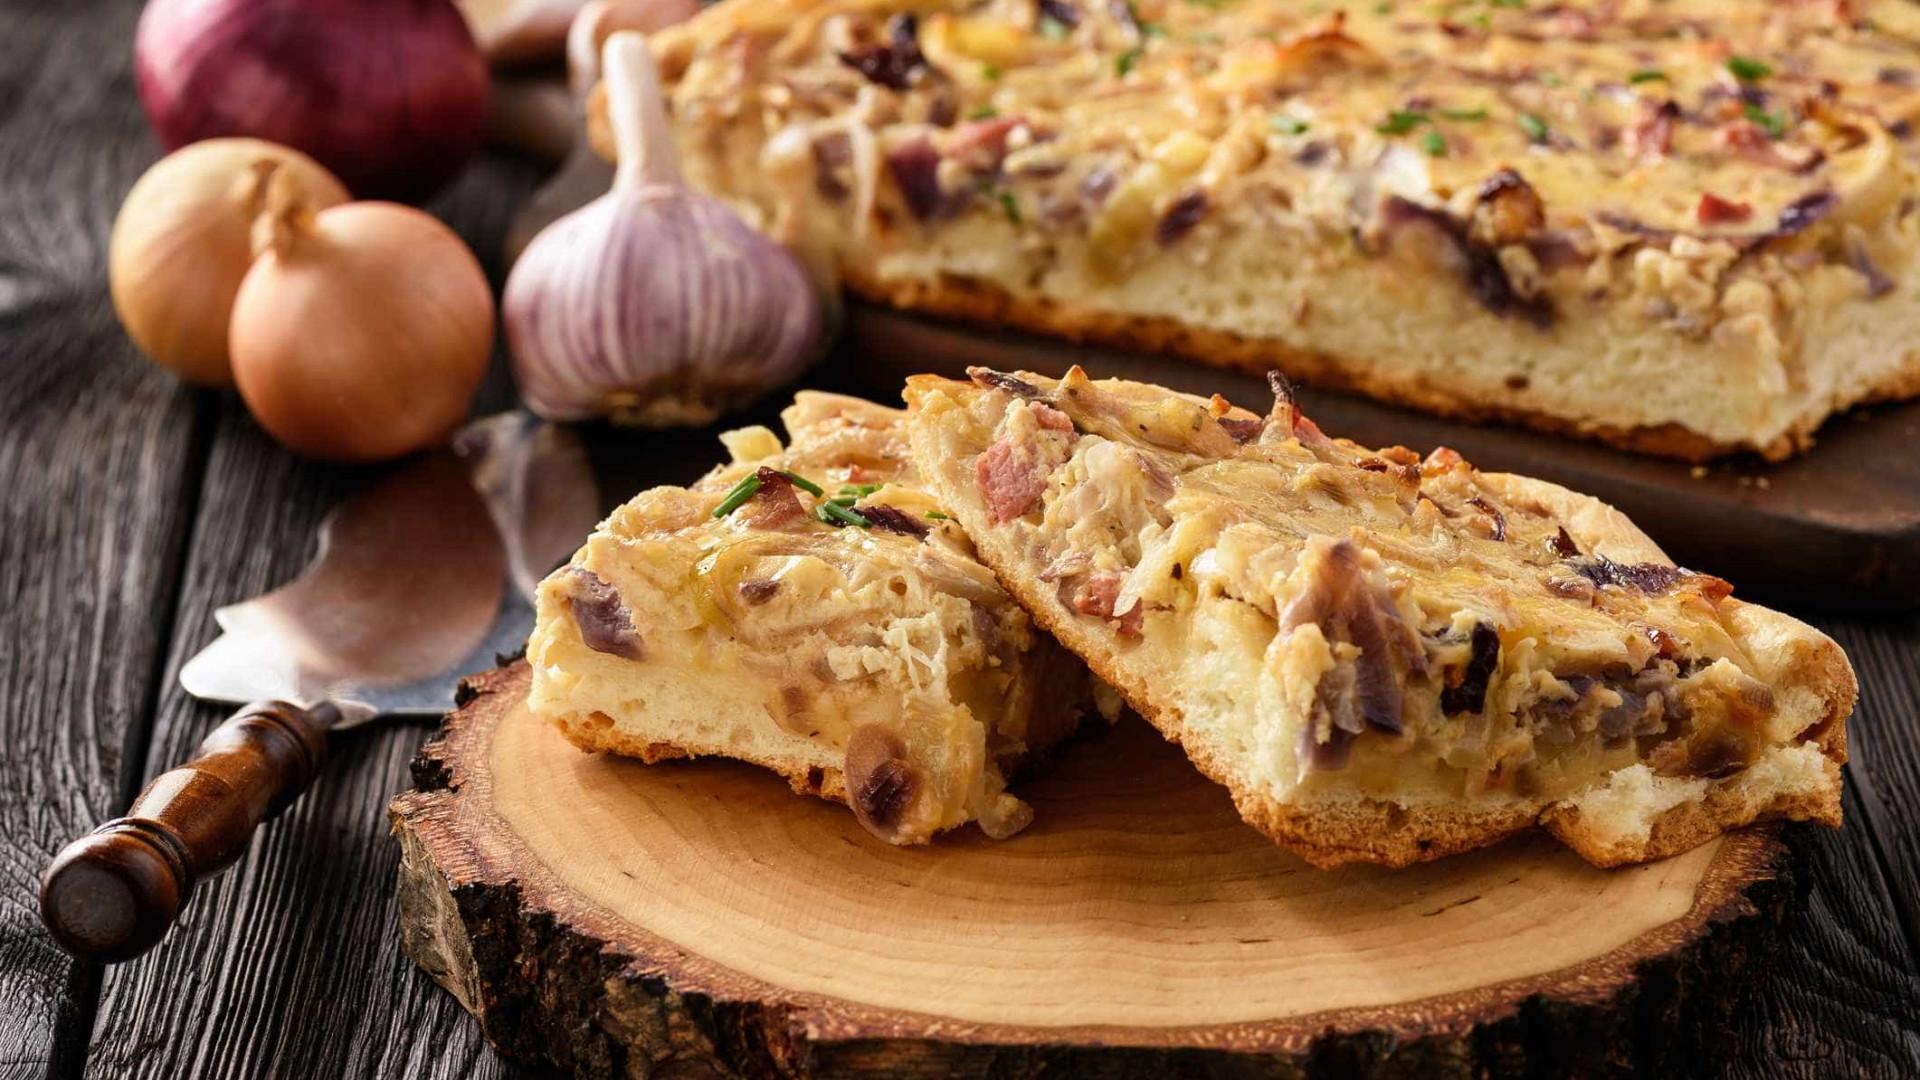 Torta de Cebola com Bacon é a sugestão para o almoço do Dia dos Pais